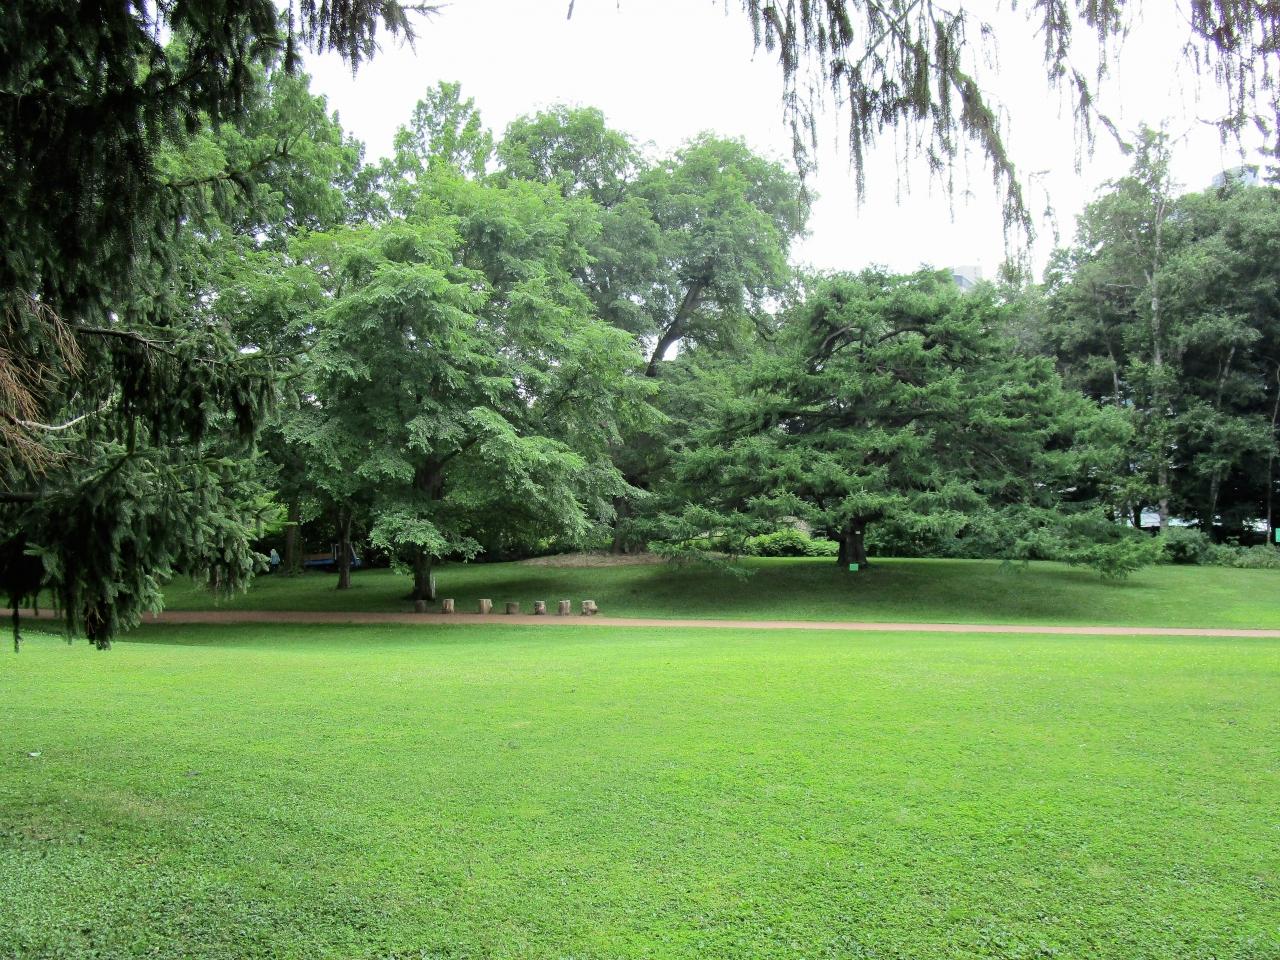 都会のオアシス、約4千種類の植物が育成されている植物園